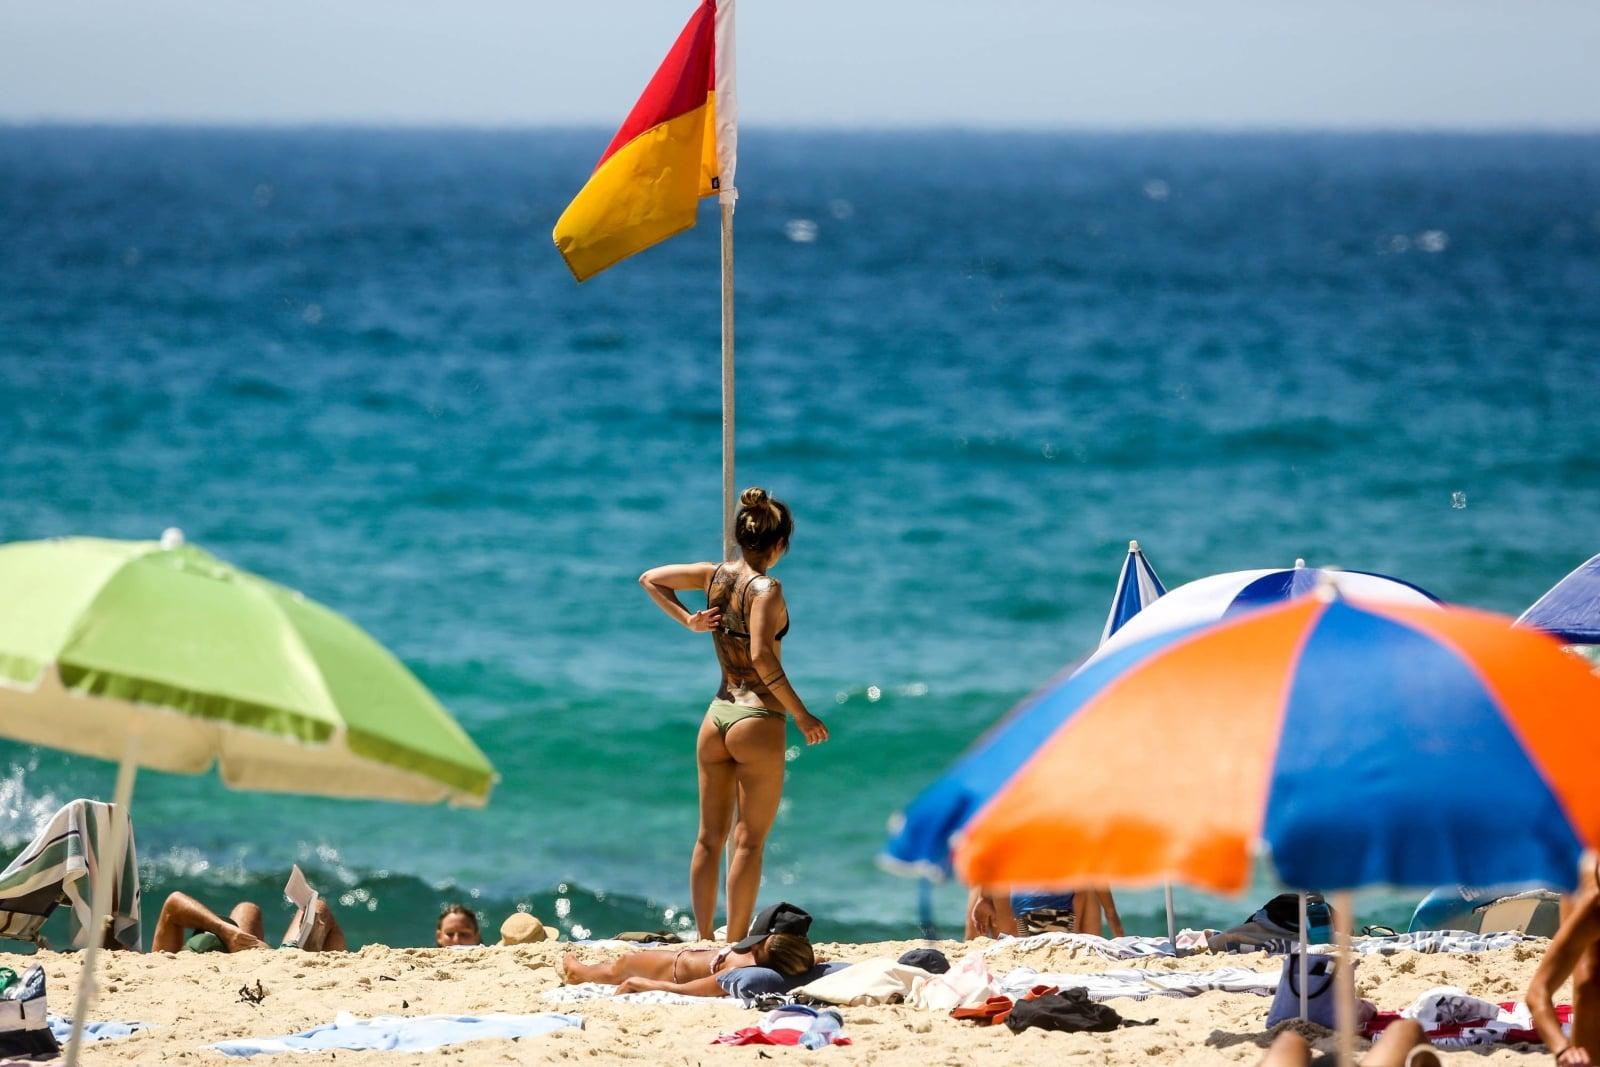 W Australii zanotowano najwyższa temperaturę od 1939 roku   EPA/GLENN CAMPBELL